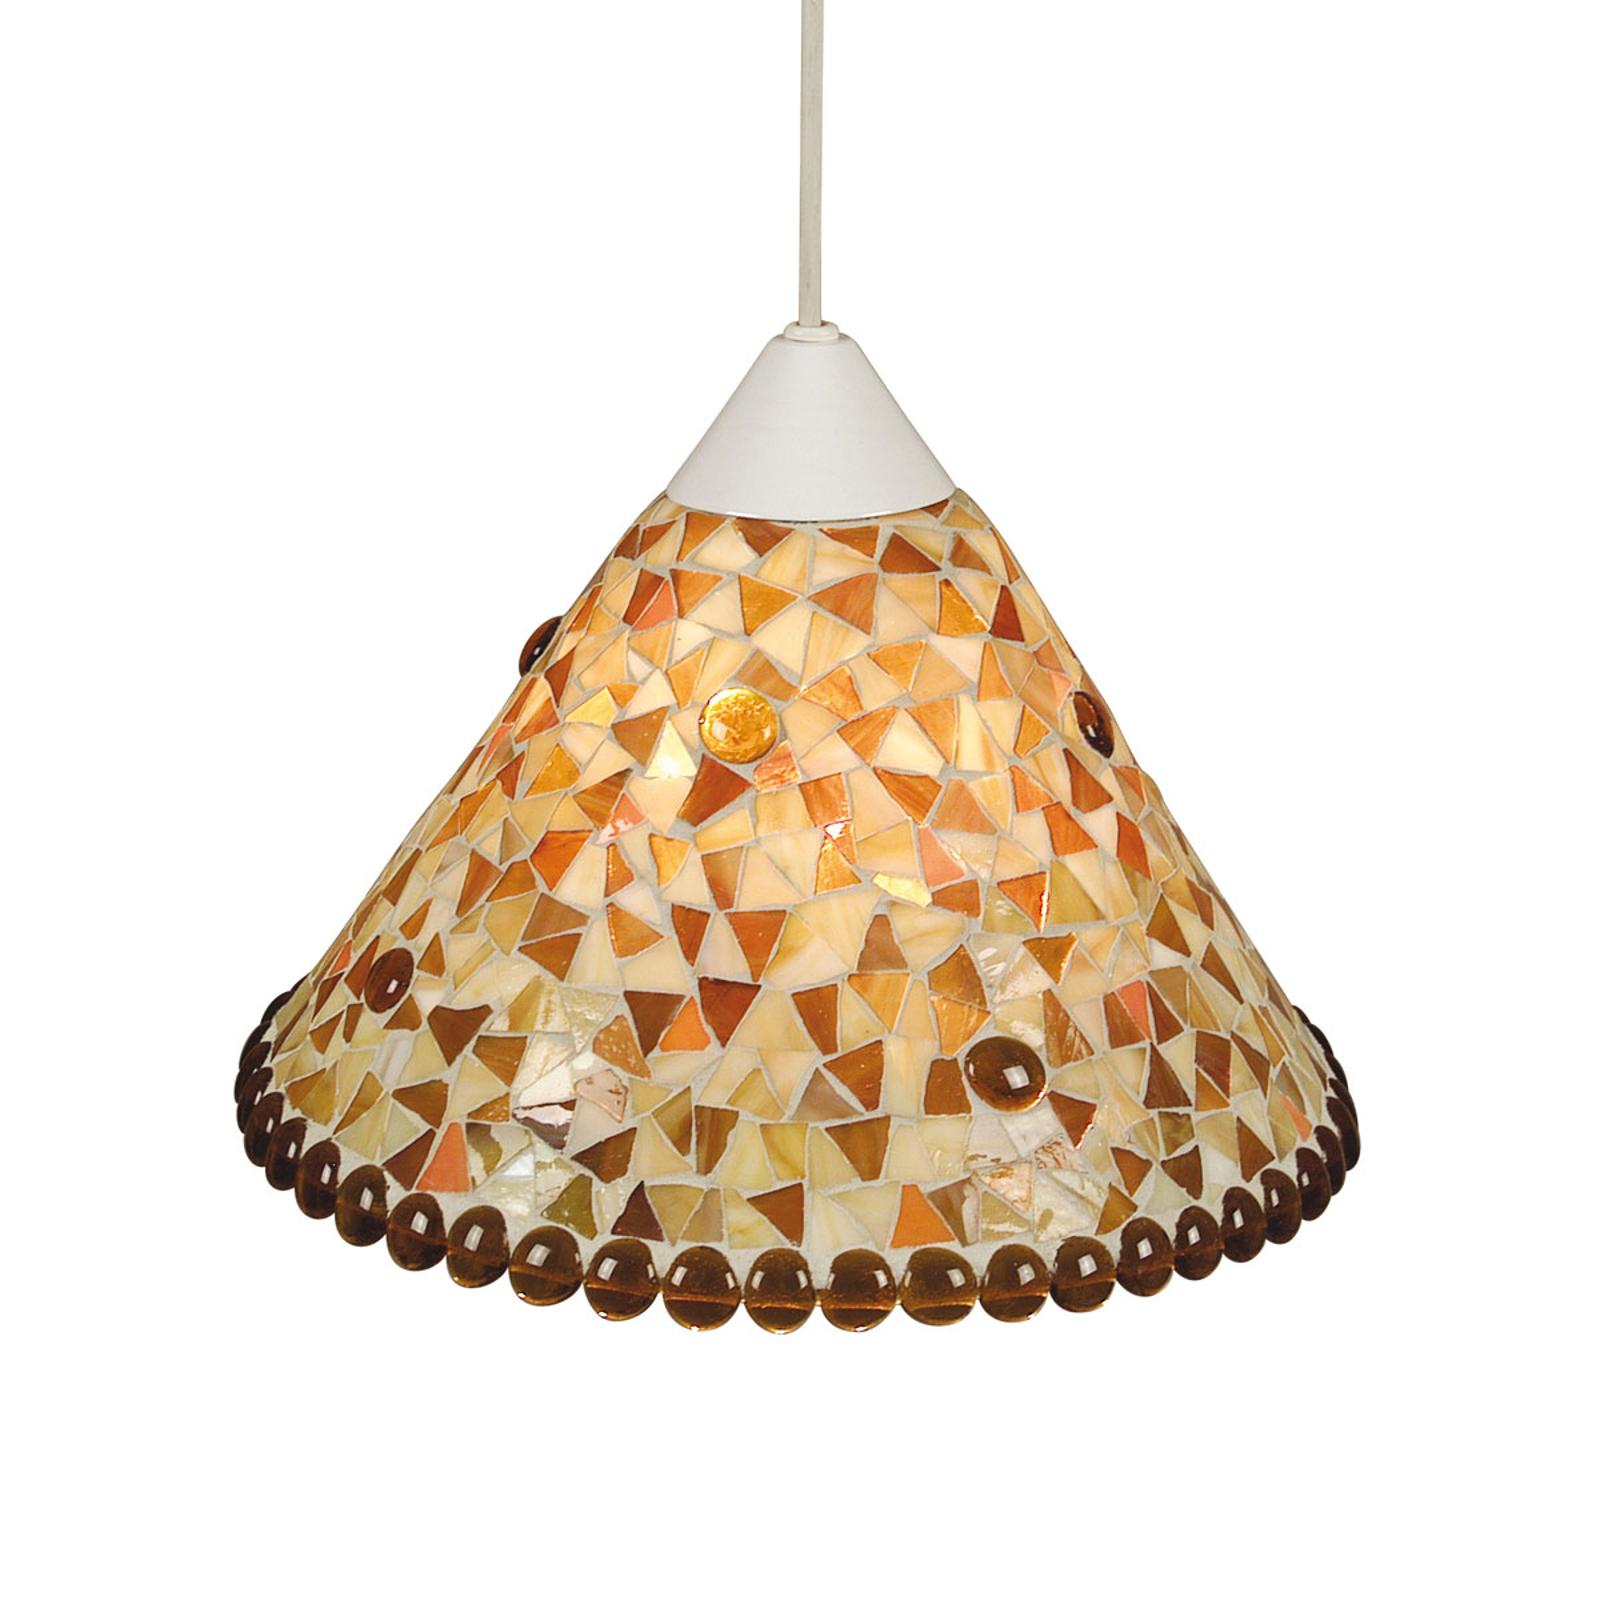 Lampa wisząca Enya Ø 28,5 cm żółto-brązowa